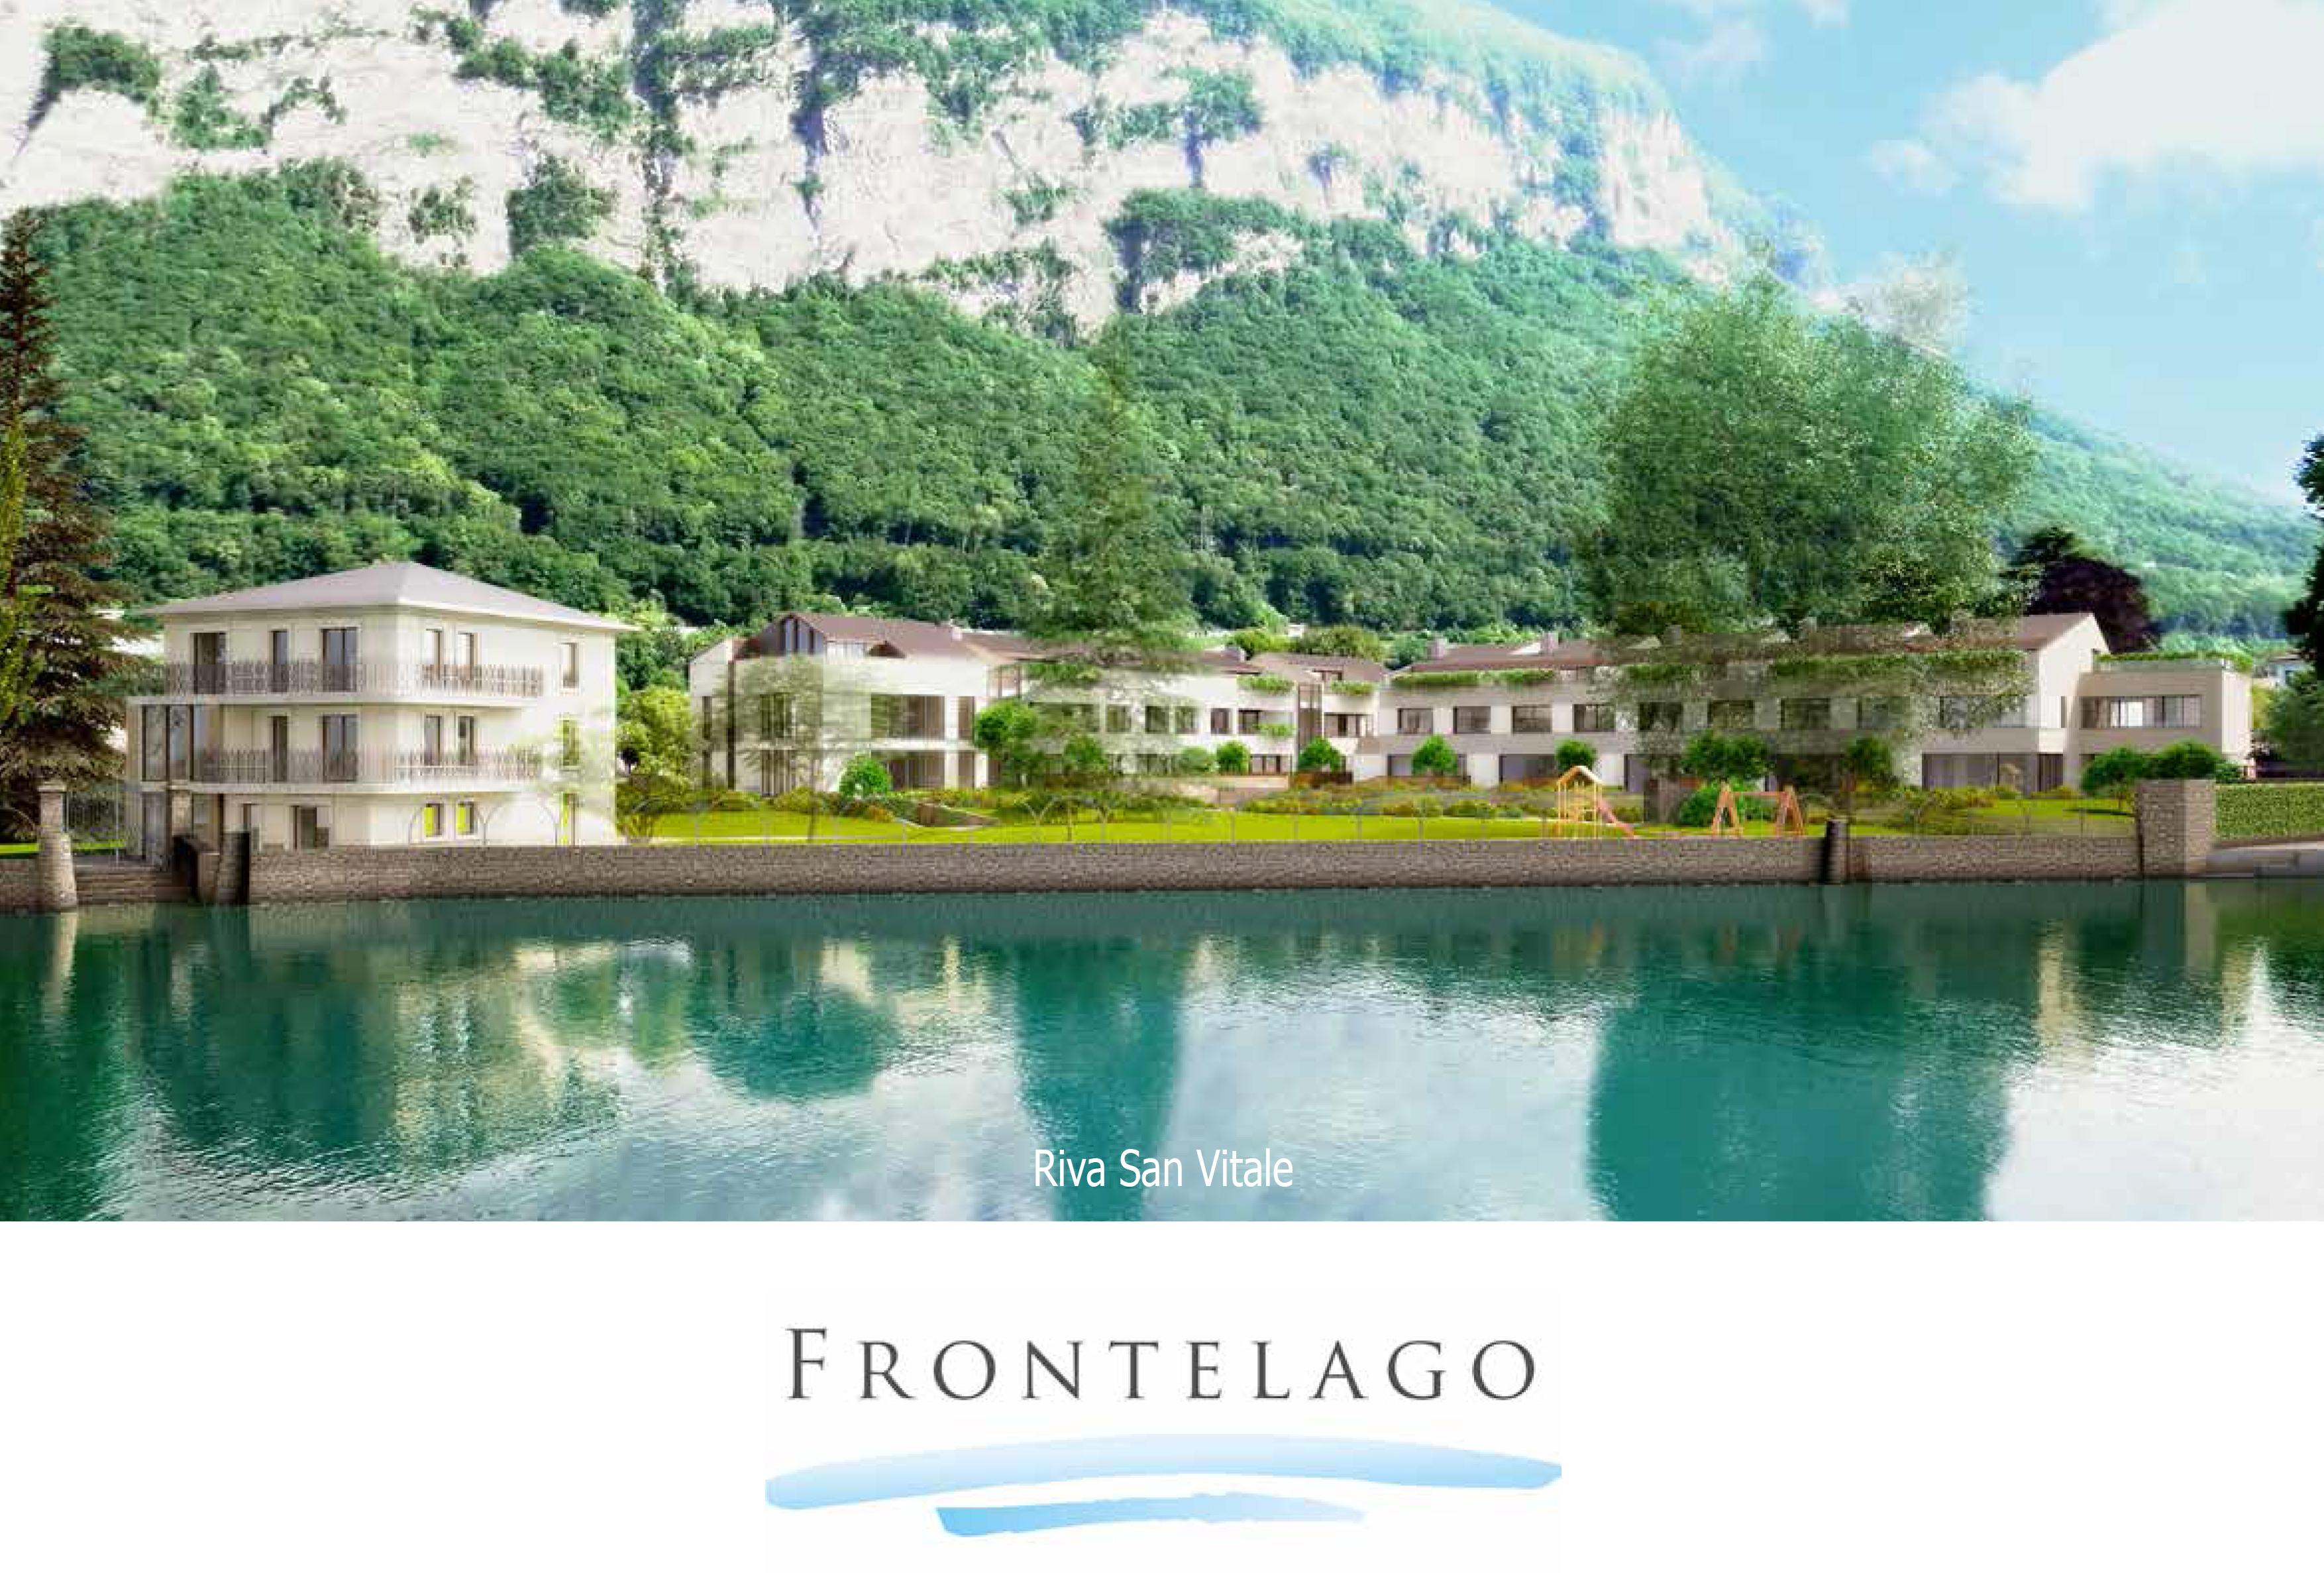 Vendita ville e appartamenti sul lago di Lugano